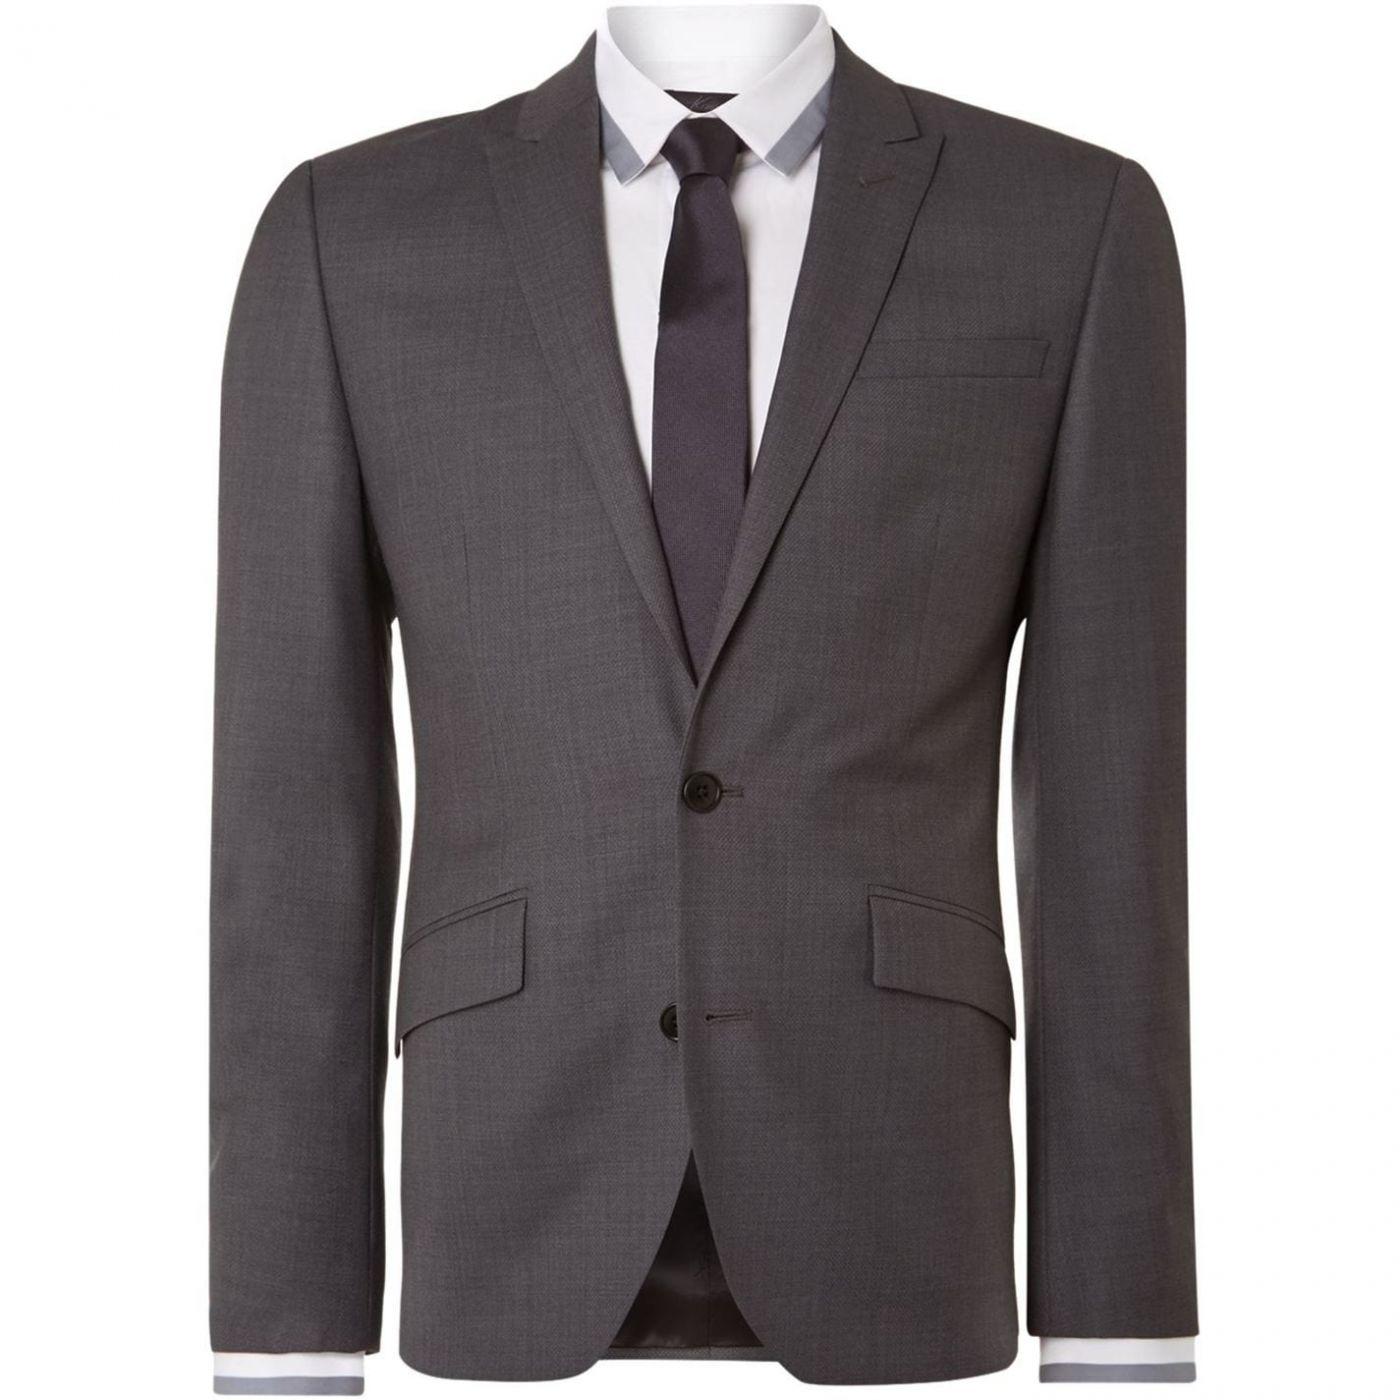 Kenneth Cole Lawton Tonal Slim Fit Suit Jacket